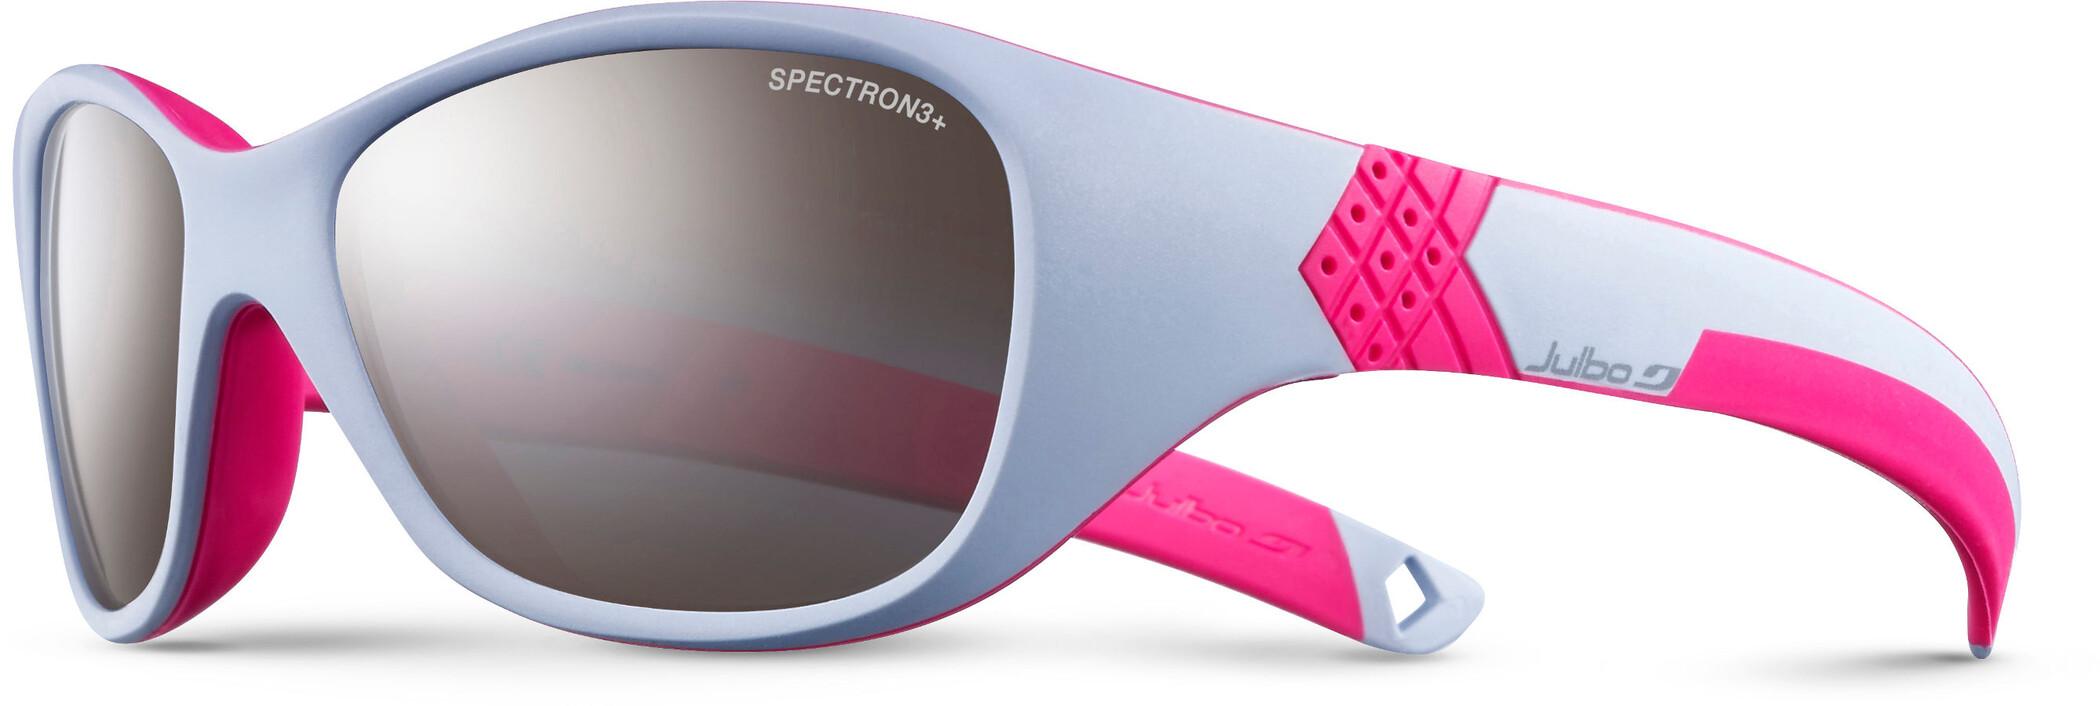 Julbo Solan Spectron 3+ Solbriller 4-6Y Børn, lavender/pink-gray flash silver | Glasses